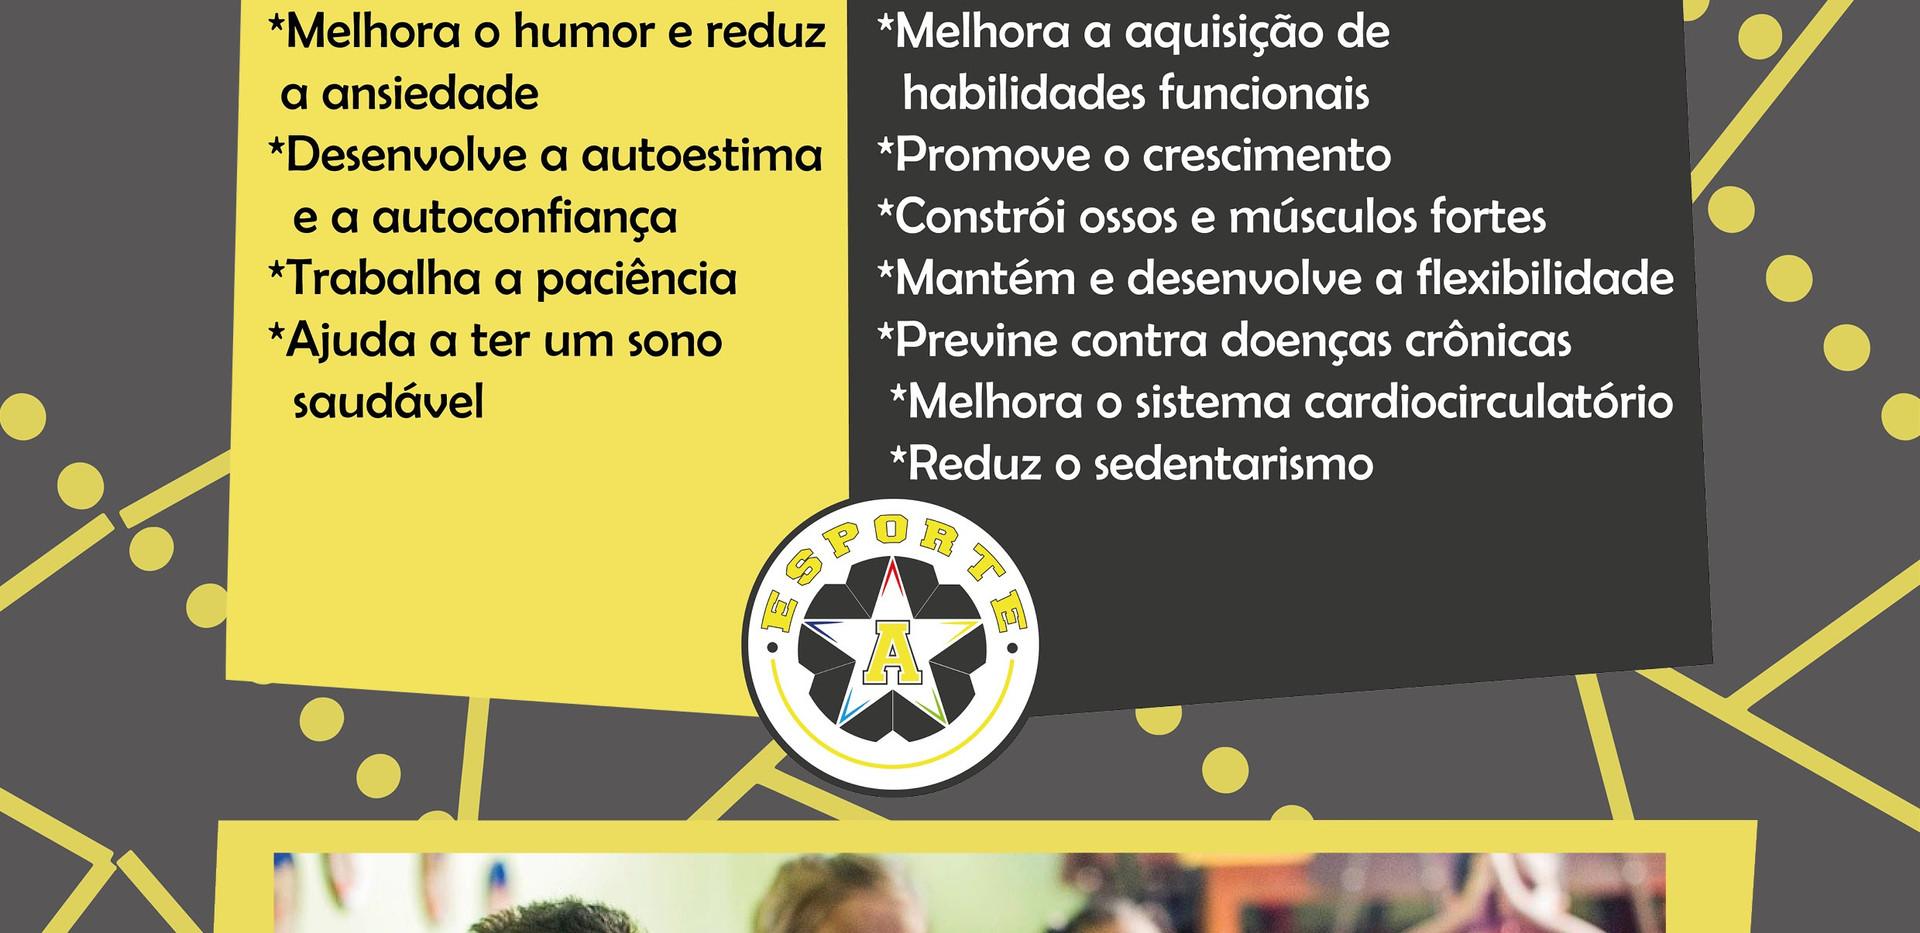 Esporte A Livreto impres7.jpg